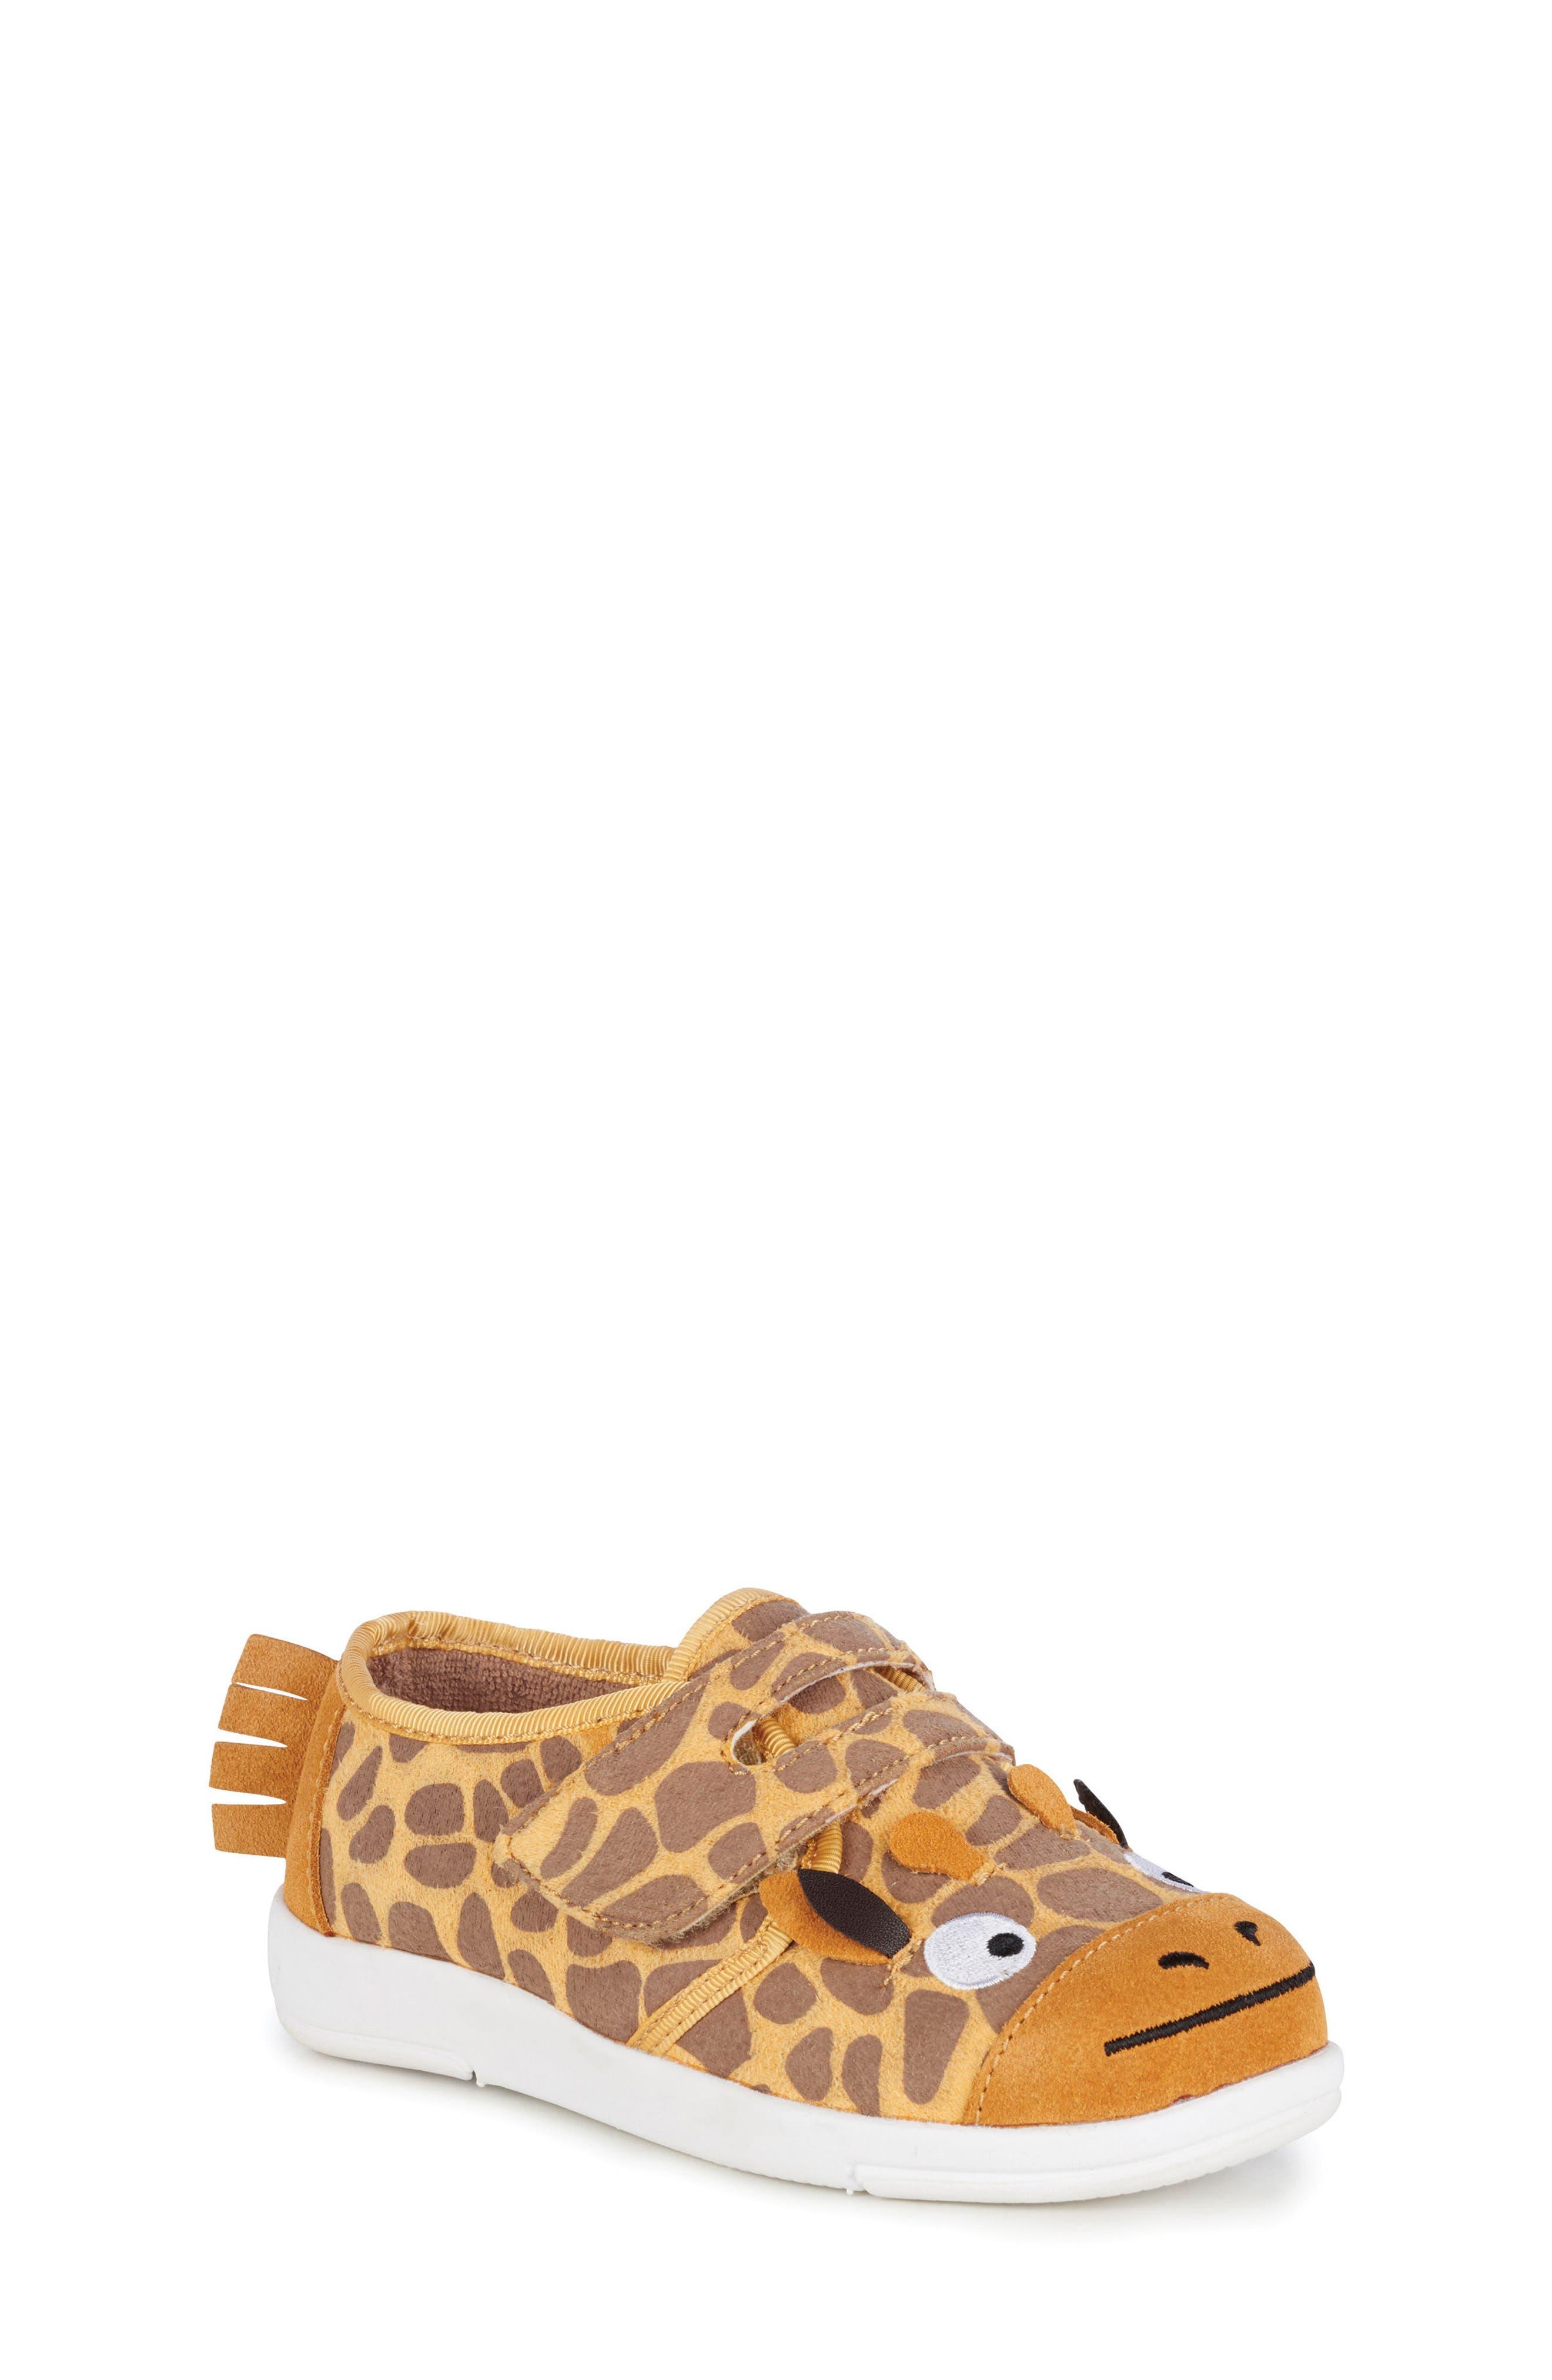 EMU Australia Giraffe Sneaker (Toddler, Little Kid & Big Kid)